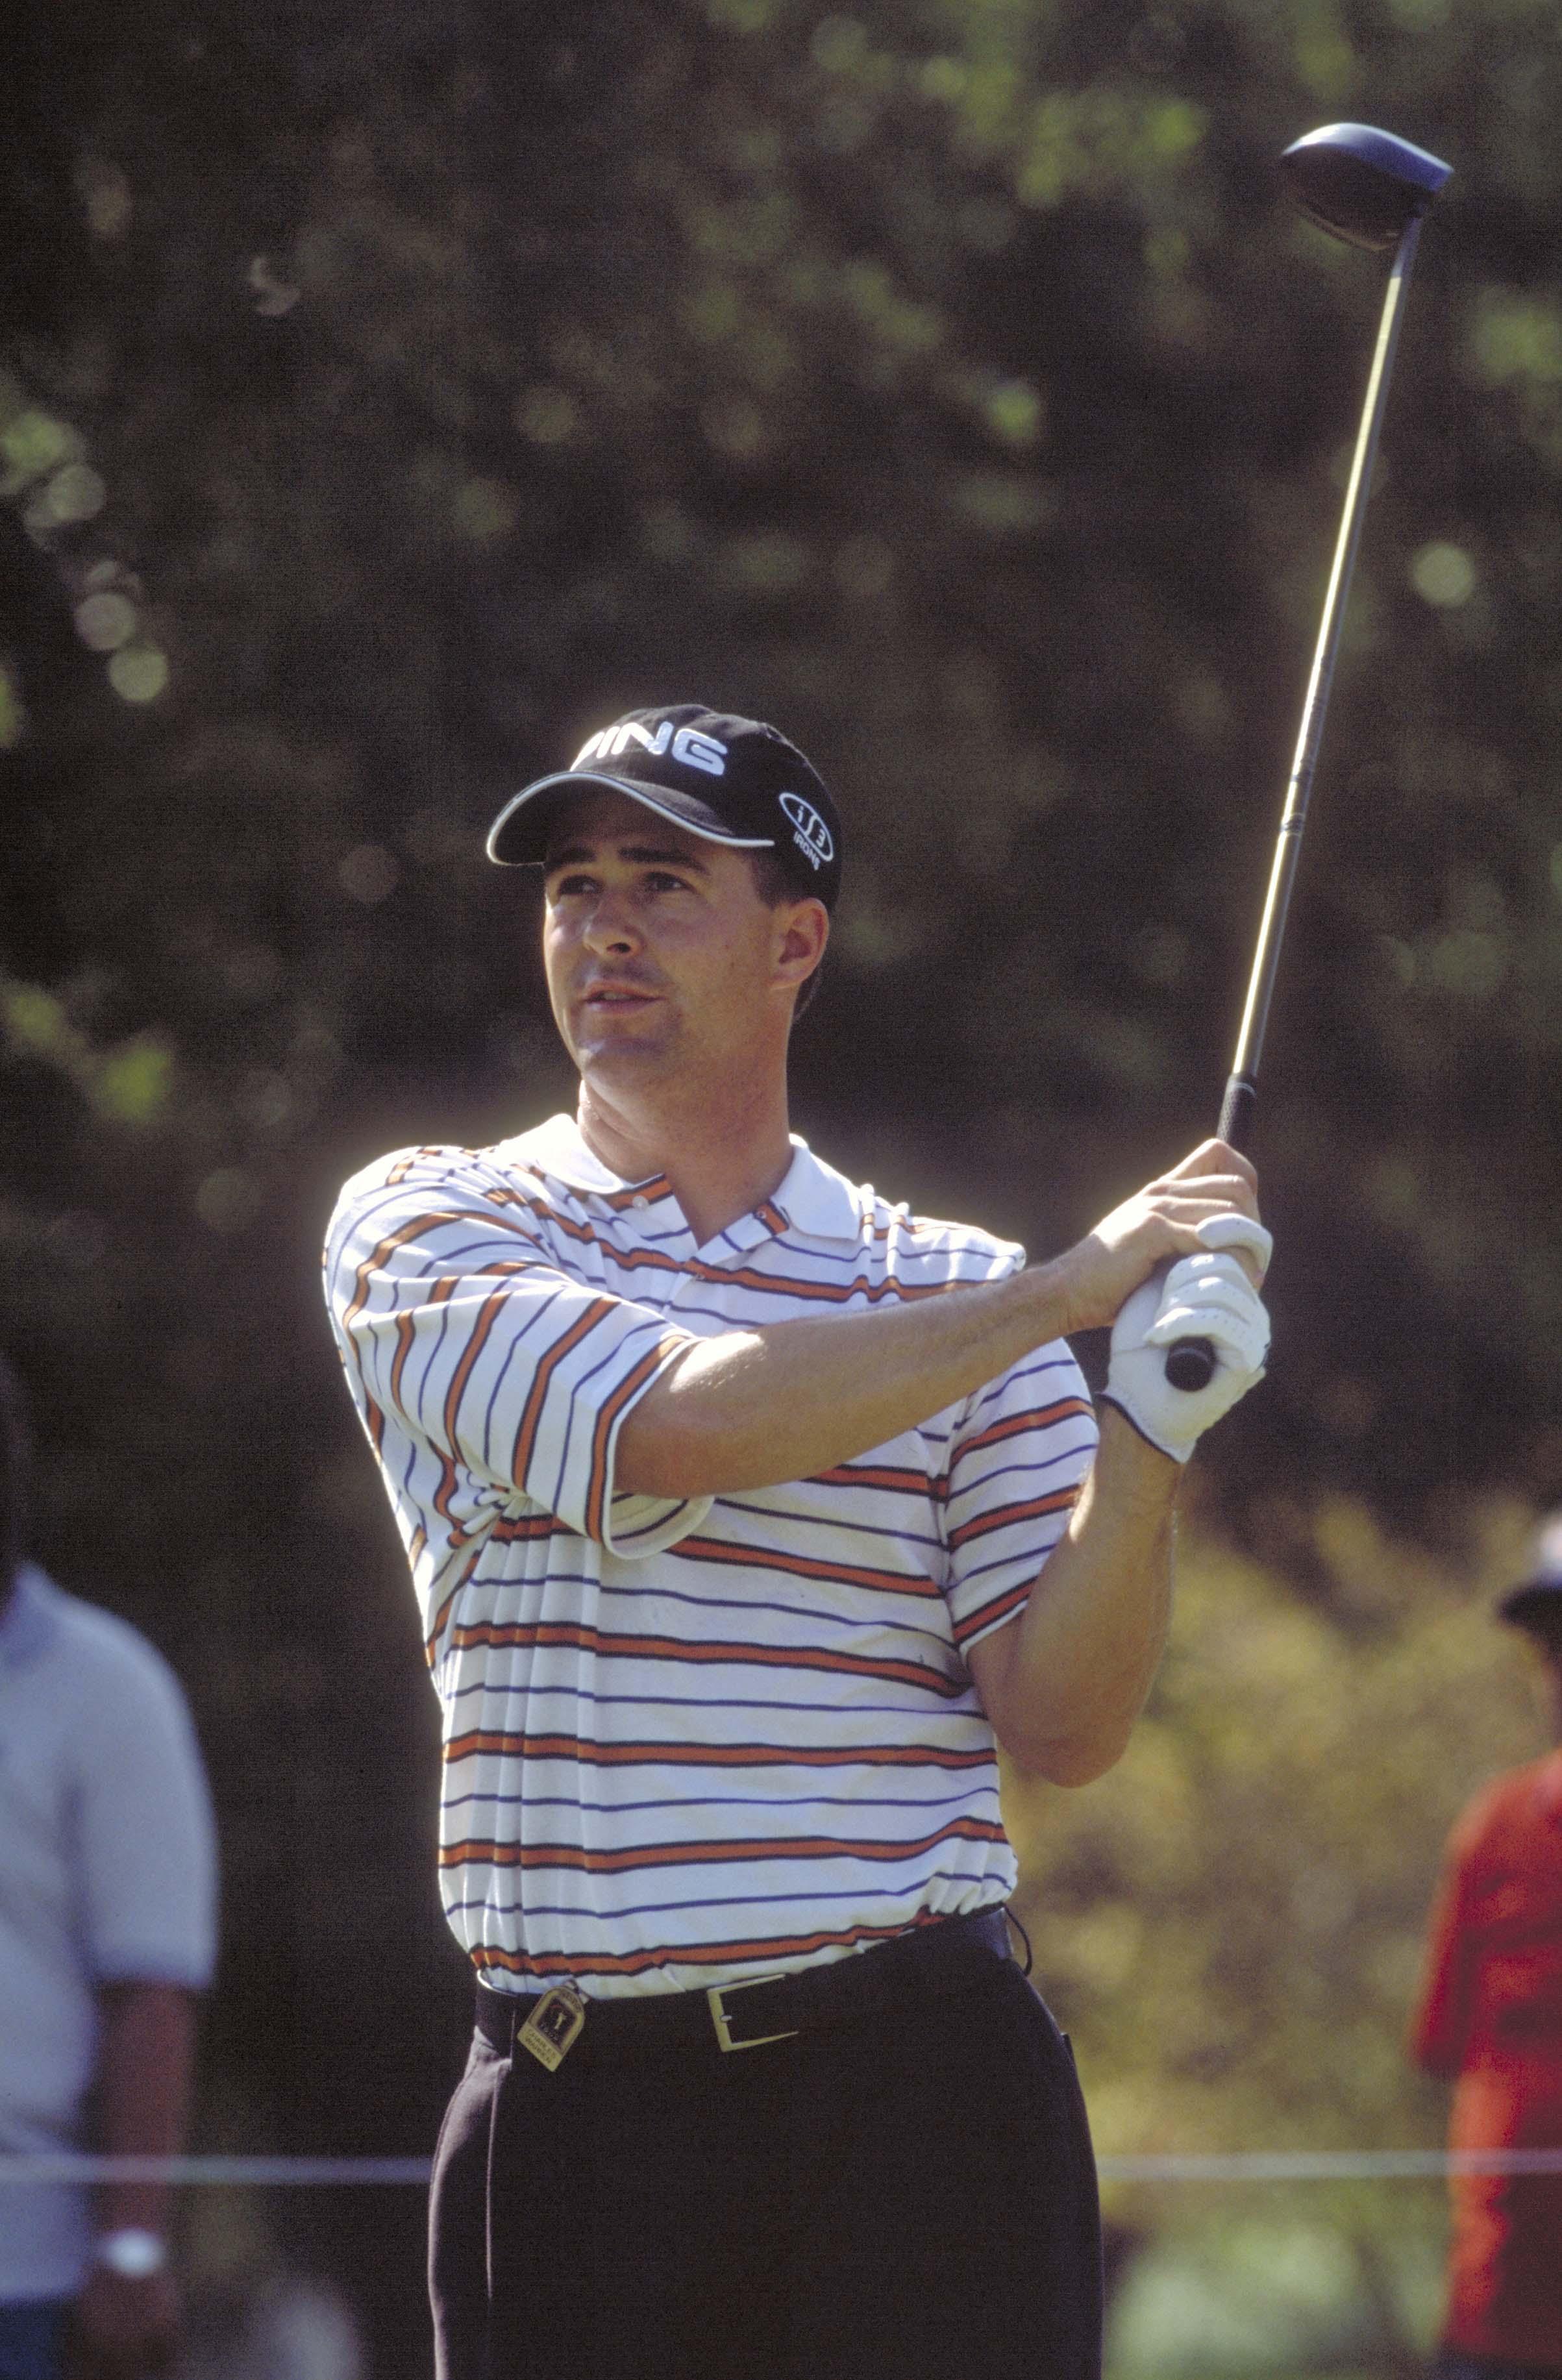 1997 - Charles Warren, Clemson